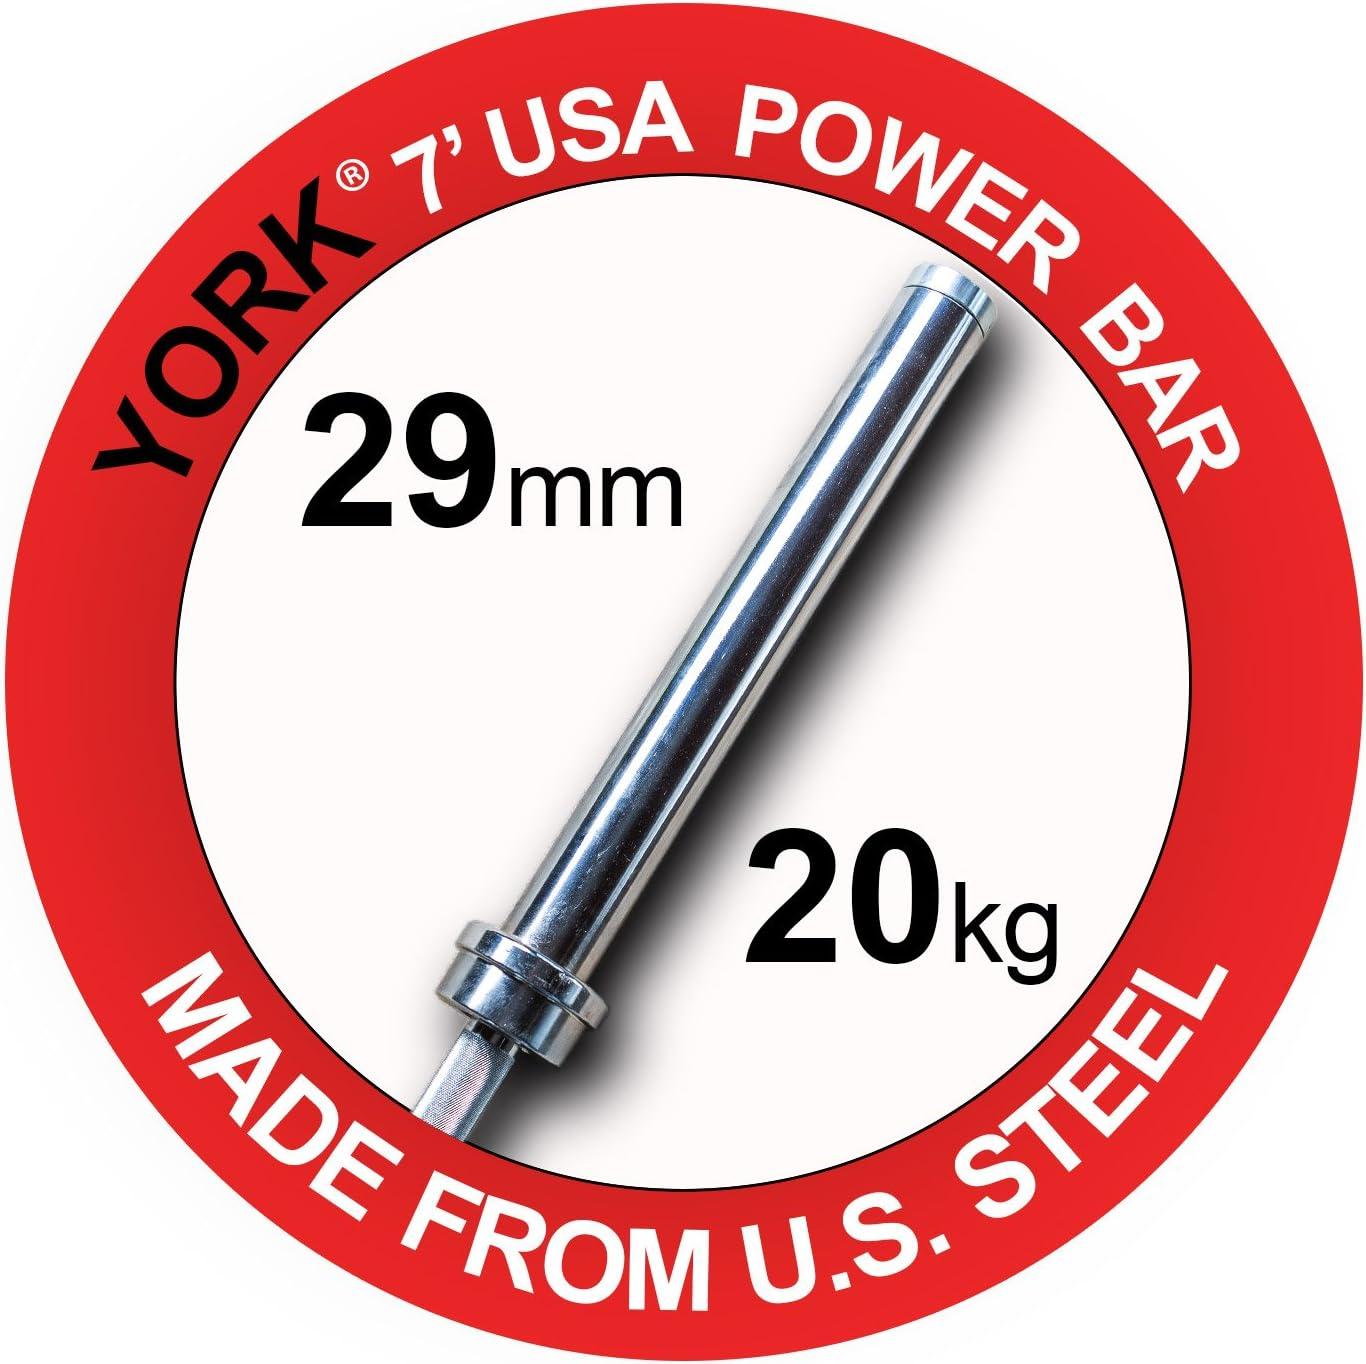 Yorkオリンピック7 '電源バーNorth American Madeオリンピックトレーニングバー